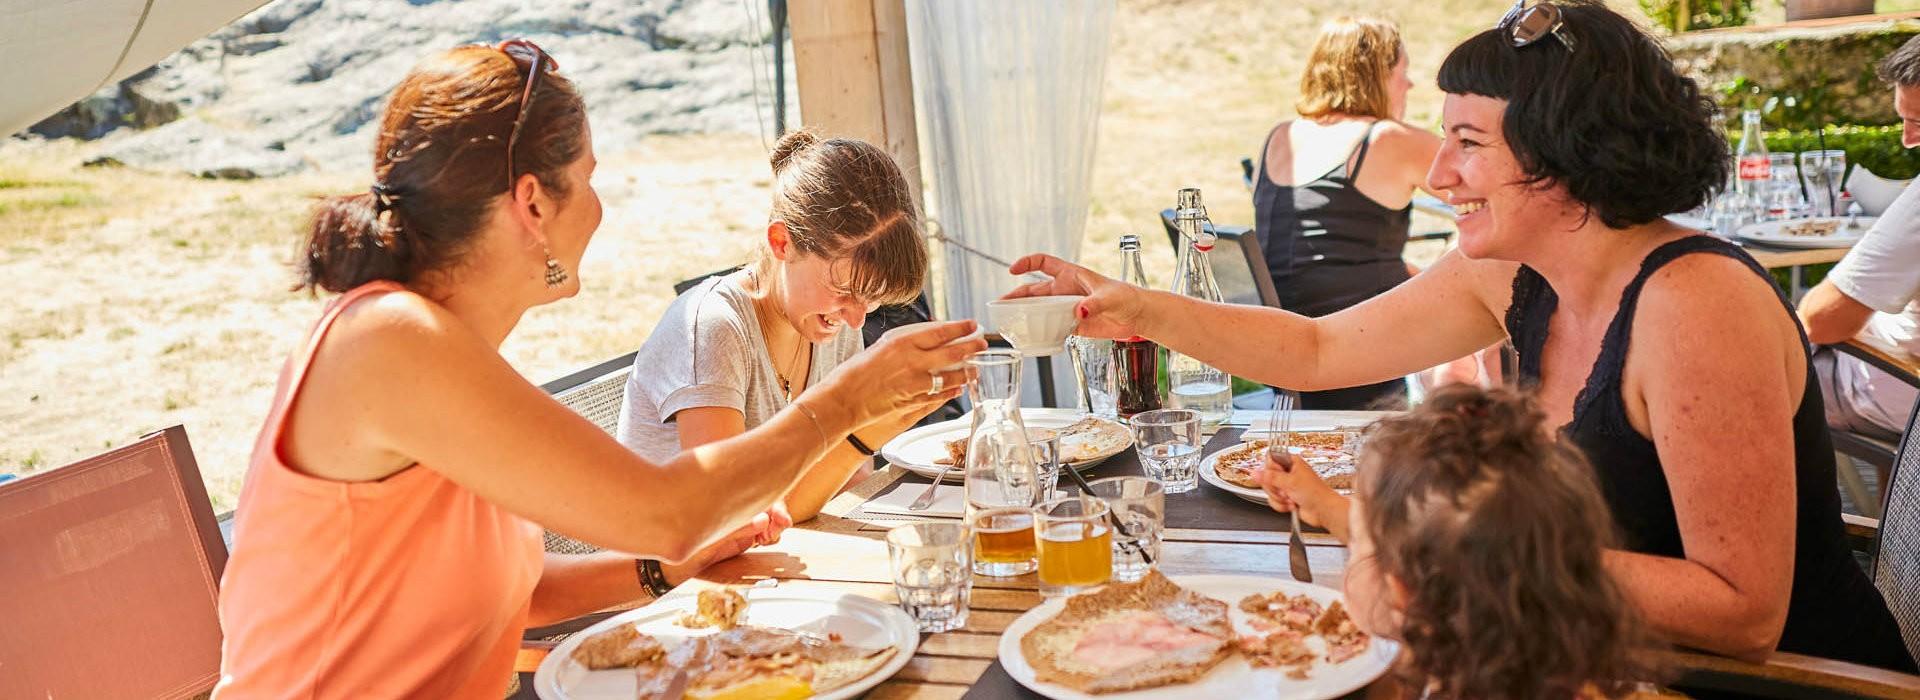 Crêperies, restaurants et bars à Guérande - Alexandre Lamoureux